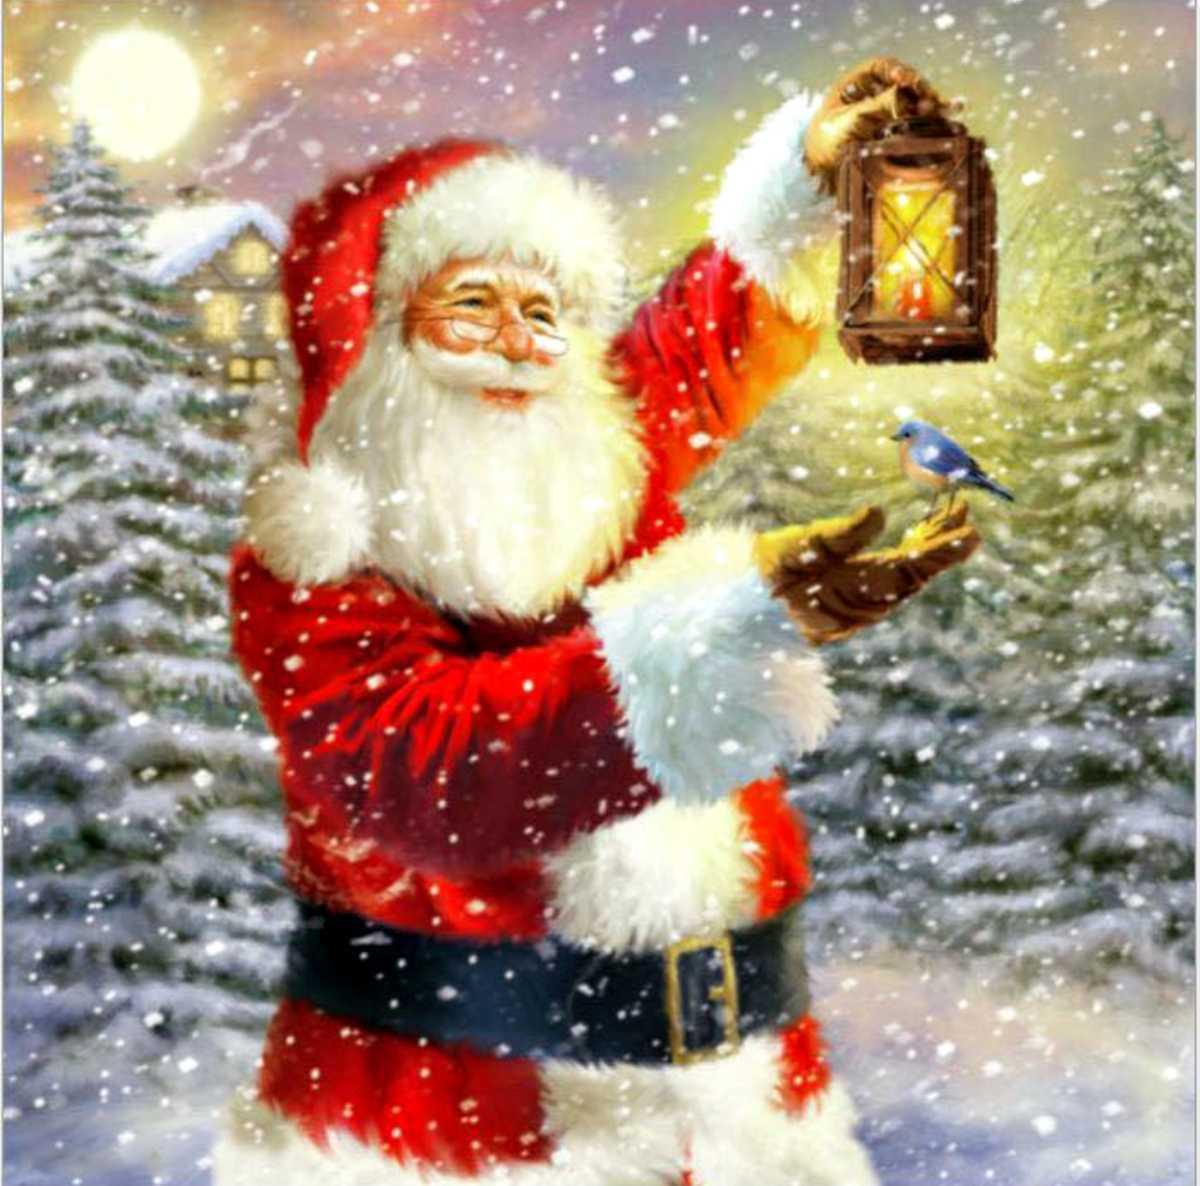 ダイヤモンドアート クリスマス サンタクロース 初心者 ダイアモンドペインティング ビーズ刺繍キット モザイク クロスステッチ